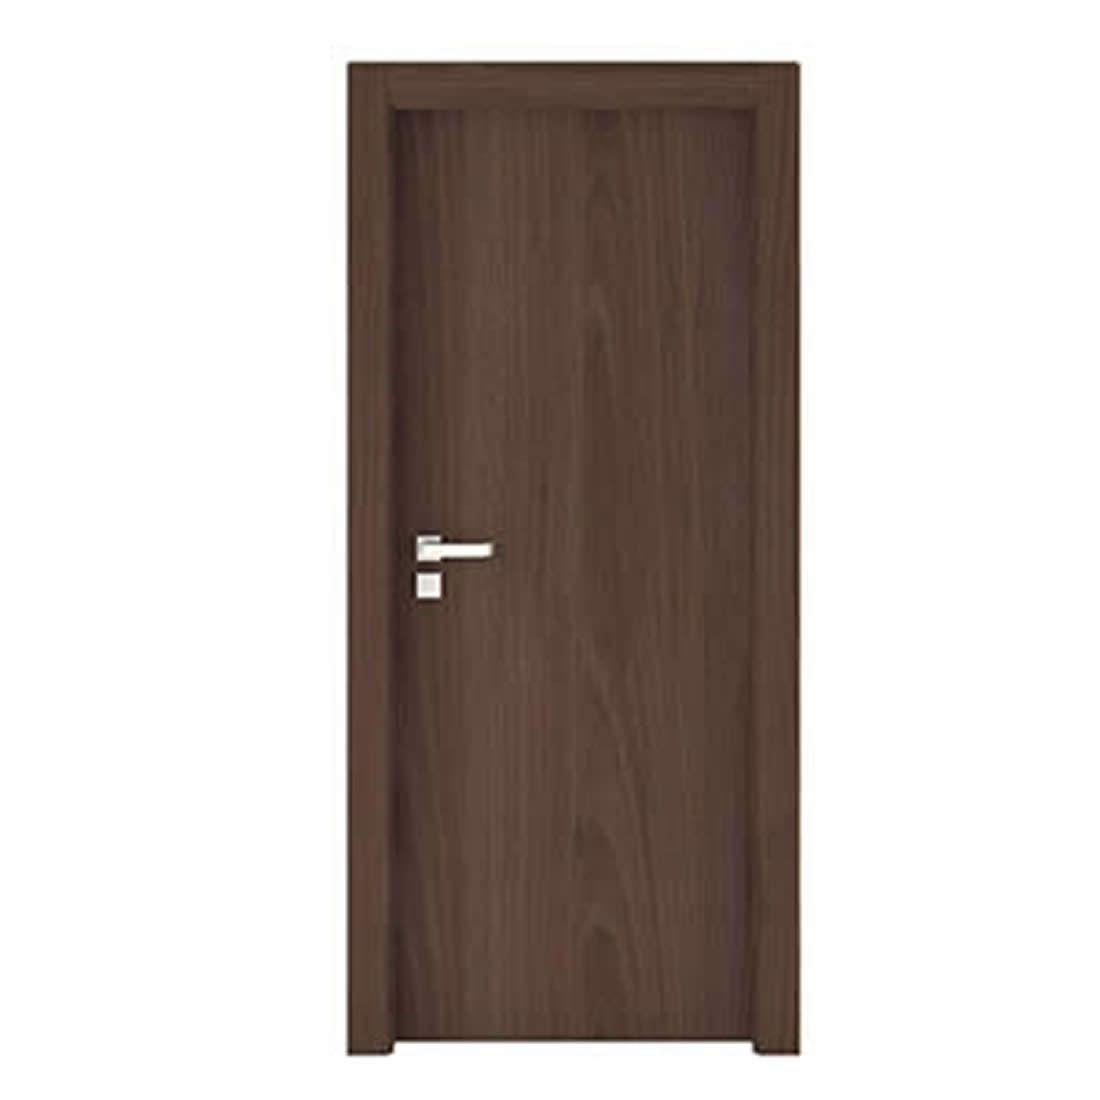 Kit Porta Concrem Wood 2,10 x 0,60 x 3,5 cm Direita Imbuia